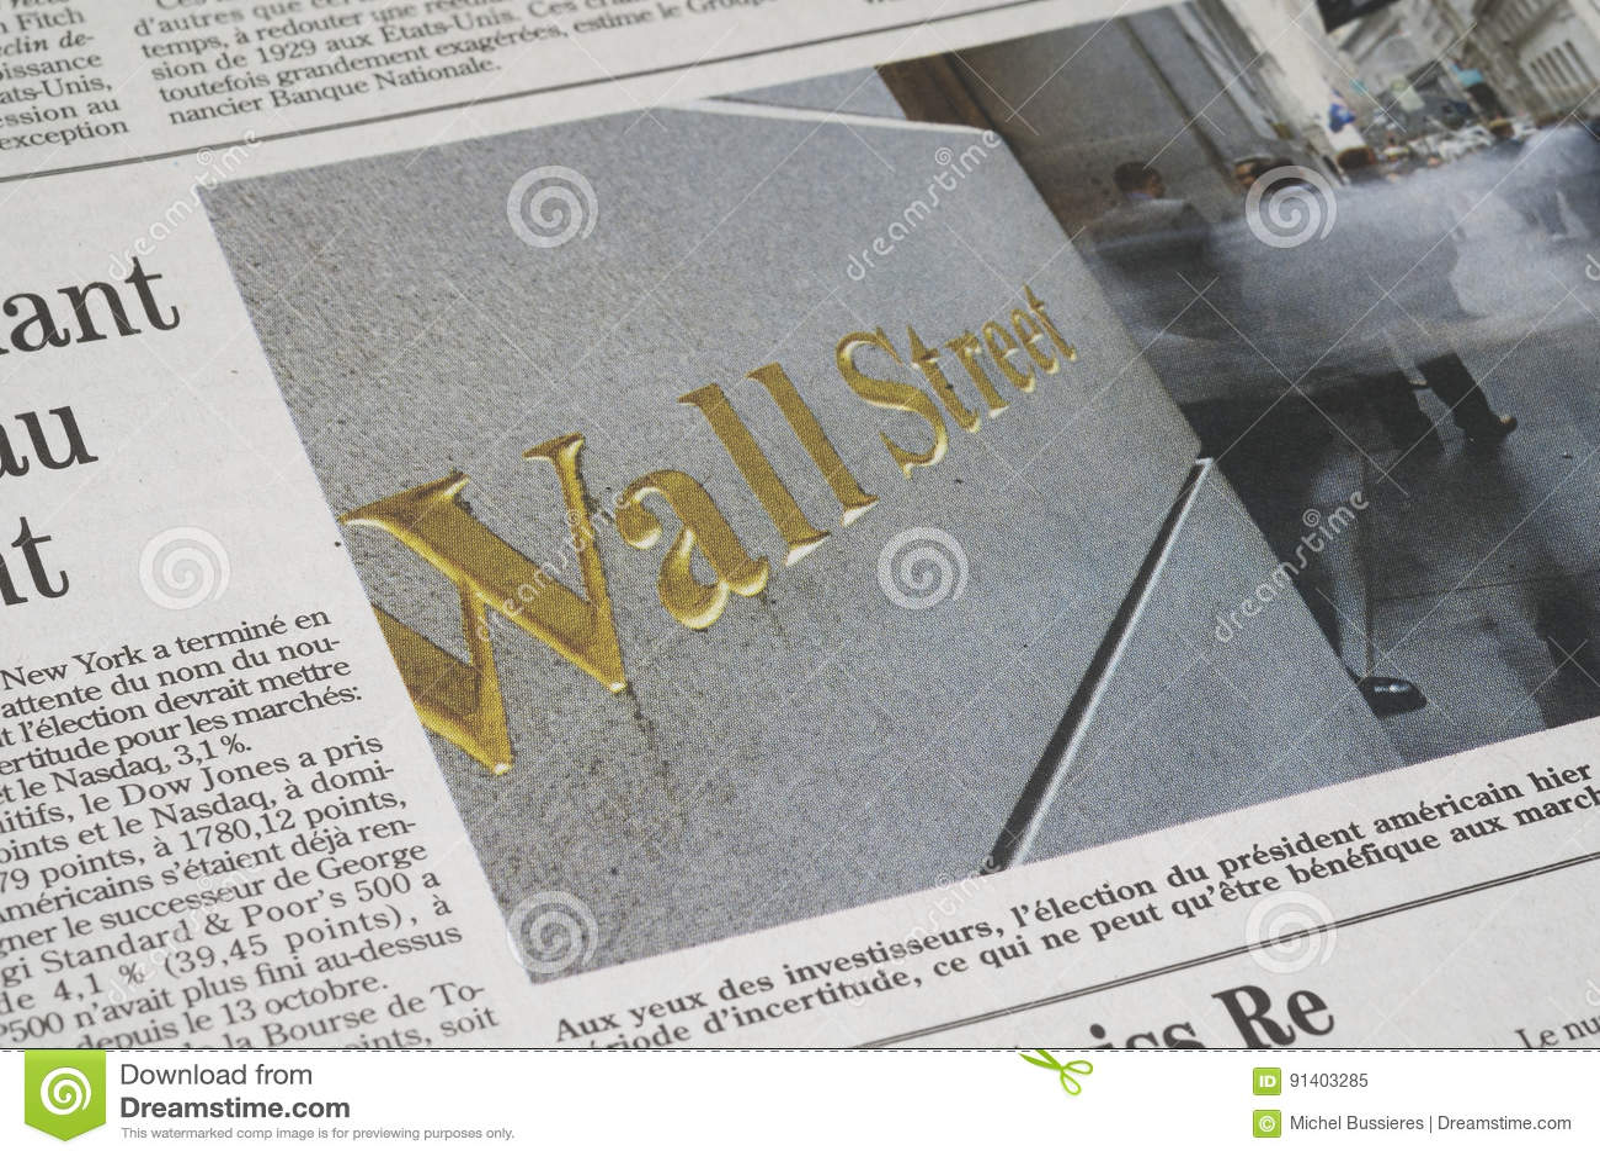 Um artigo de Wall Street